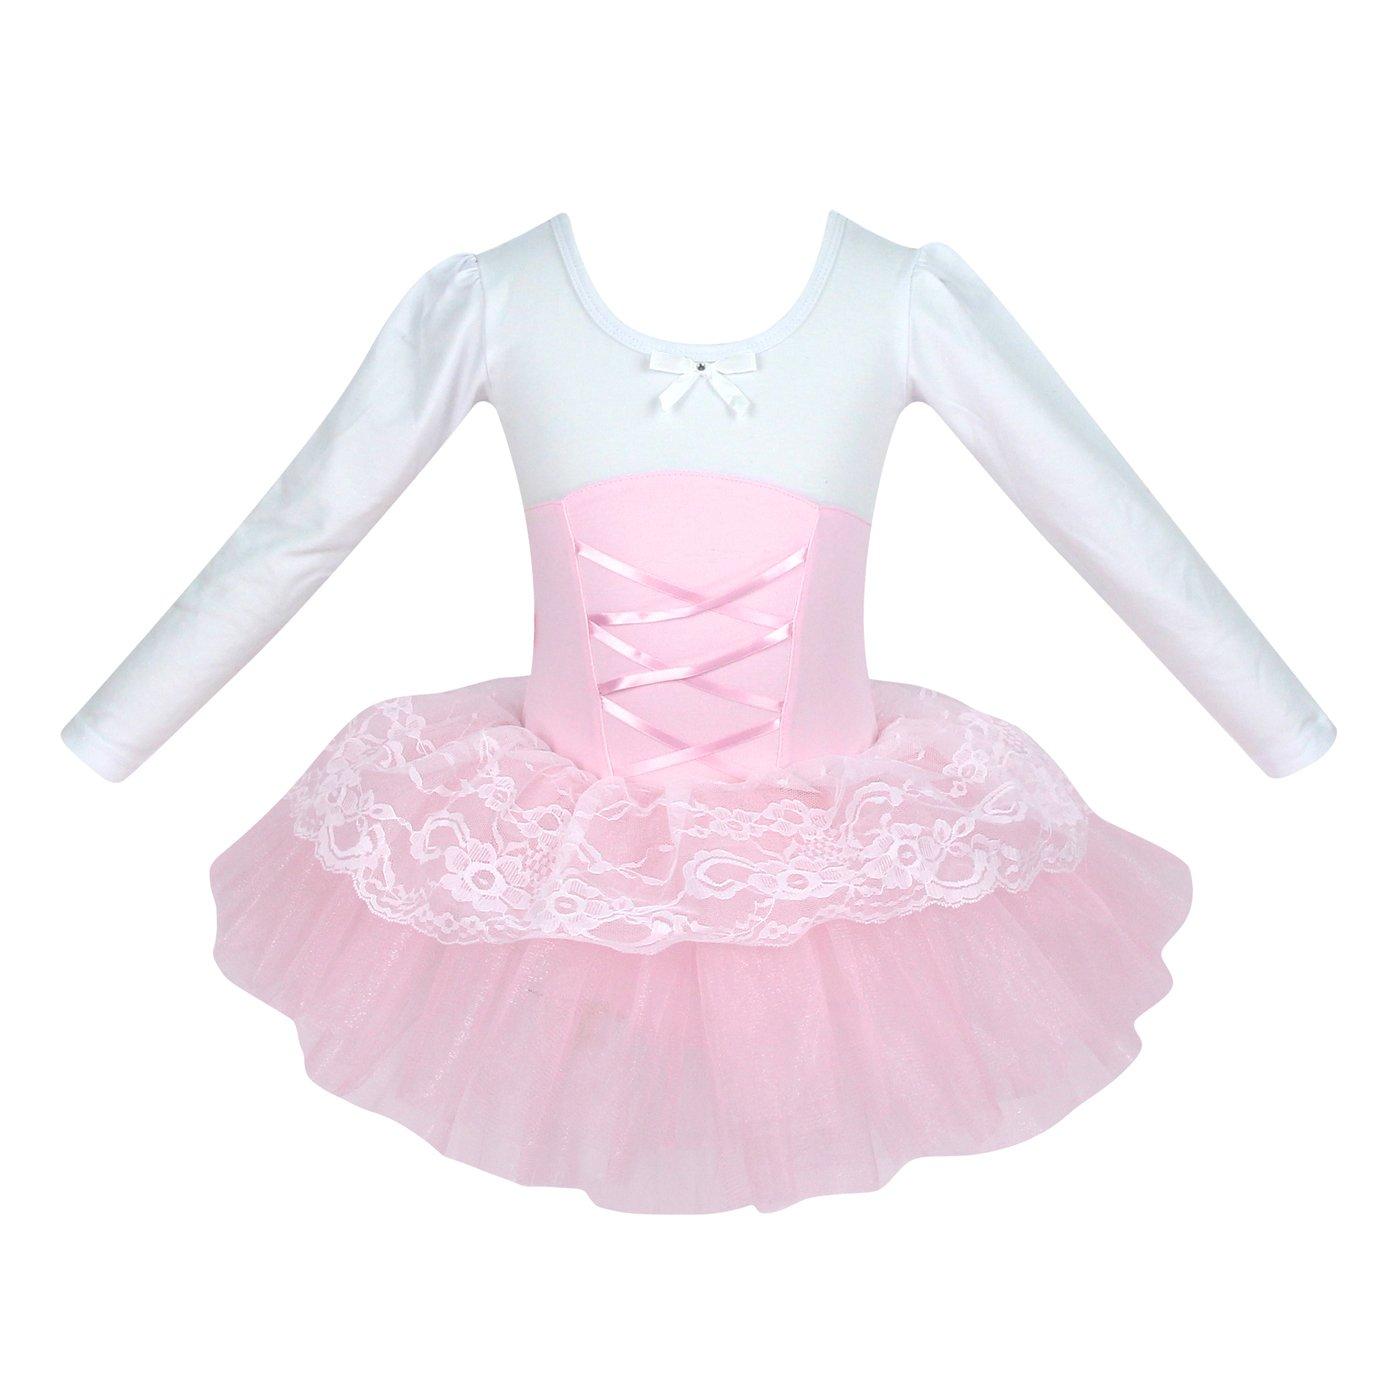 VENI MASEE Prinzessin Design Langen Ä rmeln/Short-Ä rmeln Zweiteilige Ballett-Ballettrö ckchen -Kleid, Grö ß e 4-8 R-1-2BRD-1055